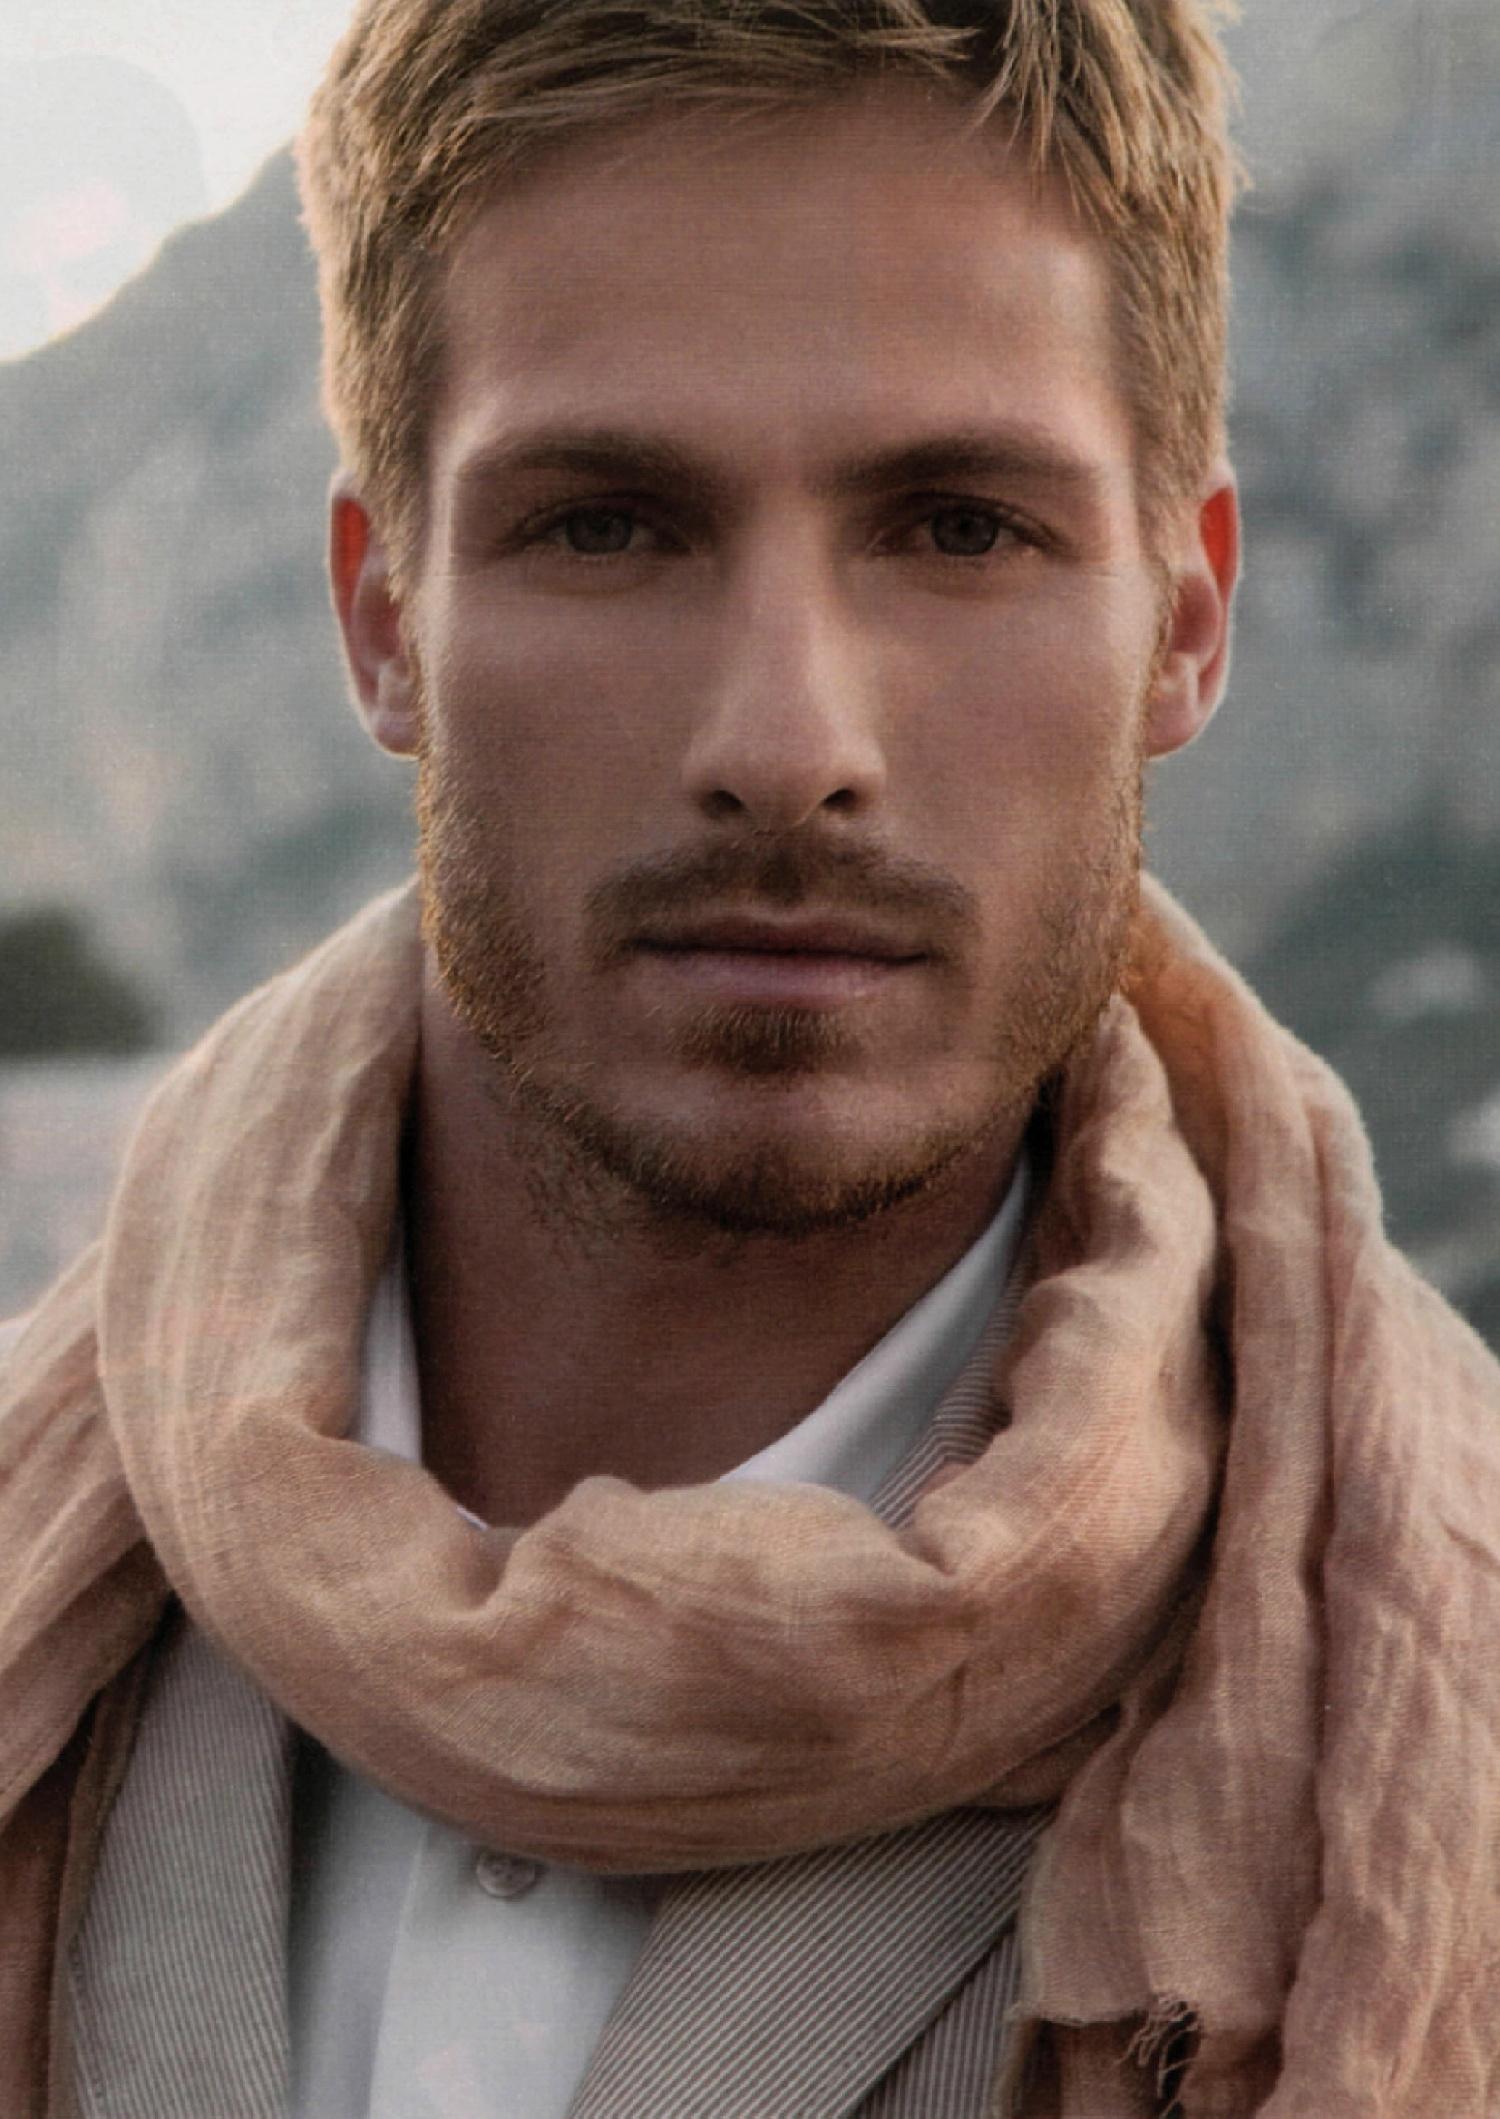 Ryan Burns  Male Fashion Models  Bellazon